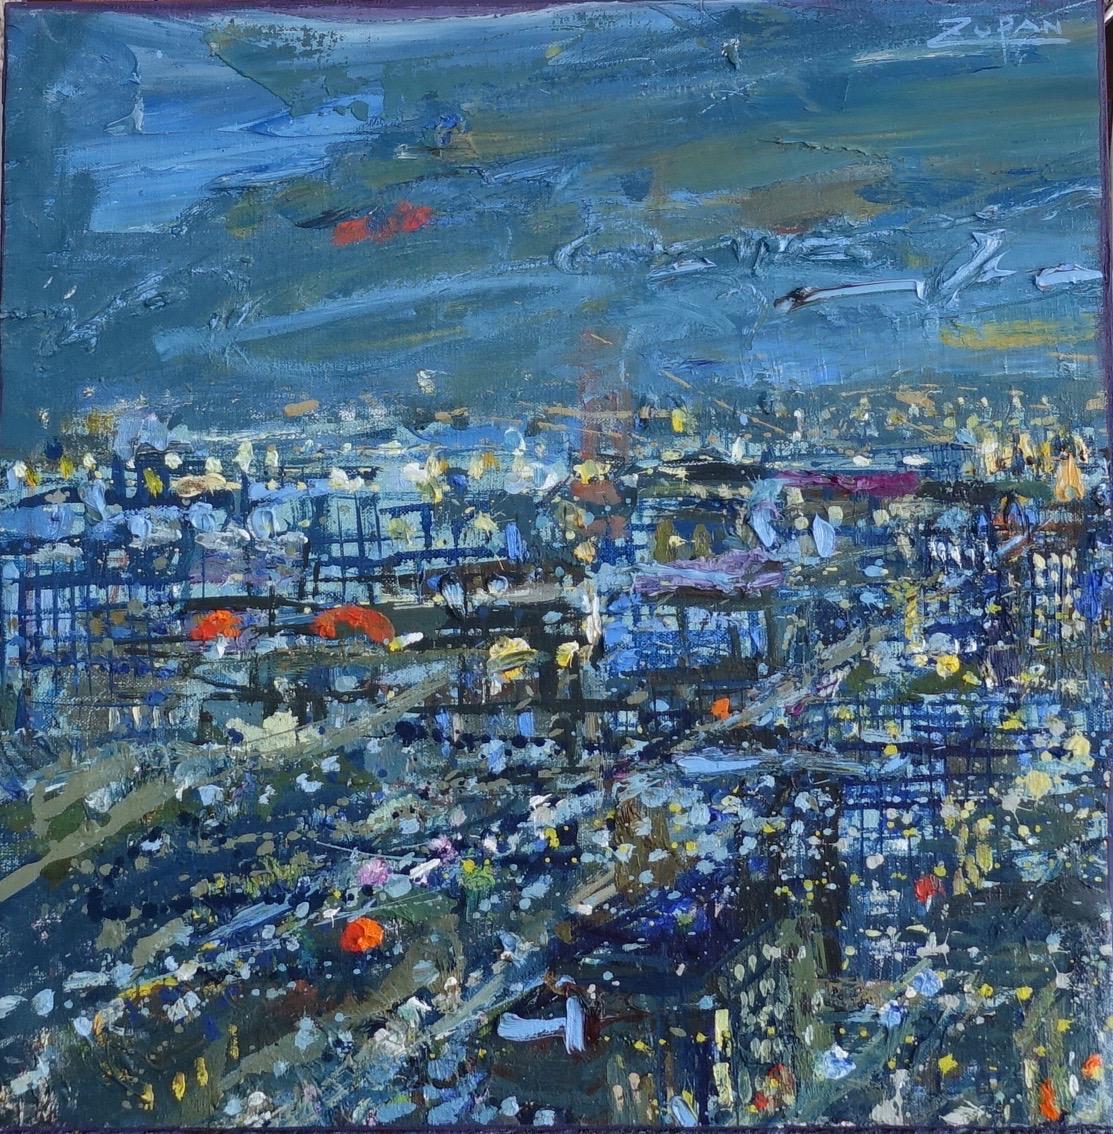 Boston Nights 1 by Bruno Zupan